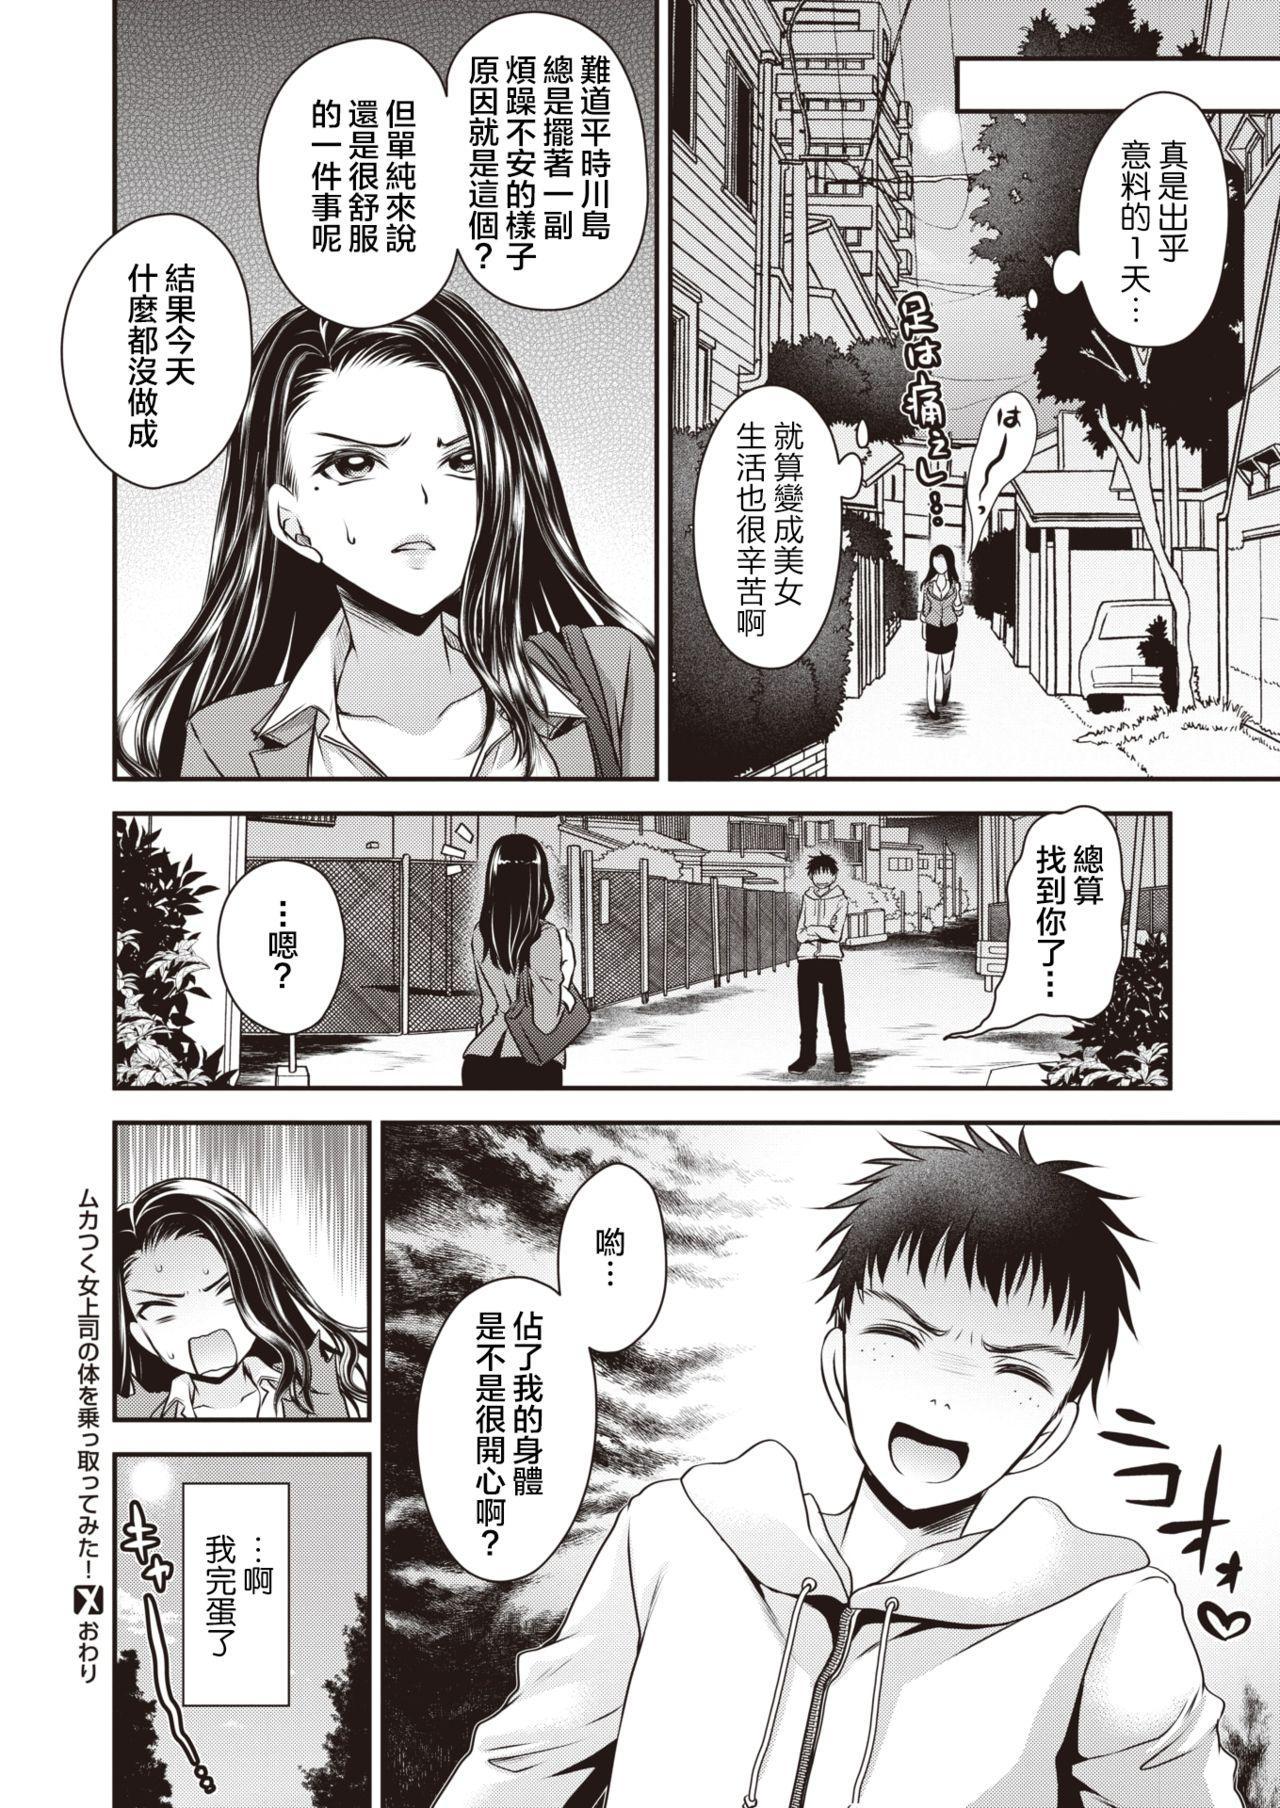 Mukatsuku Onna Joushi no Karada o Nottotte Mita! 19